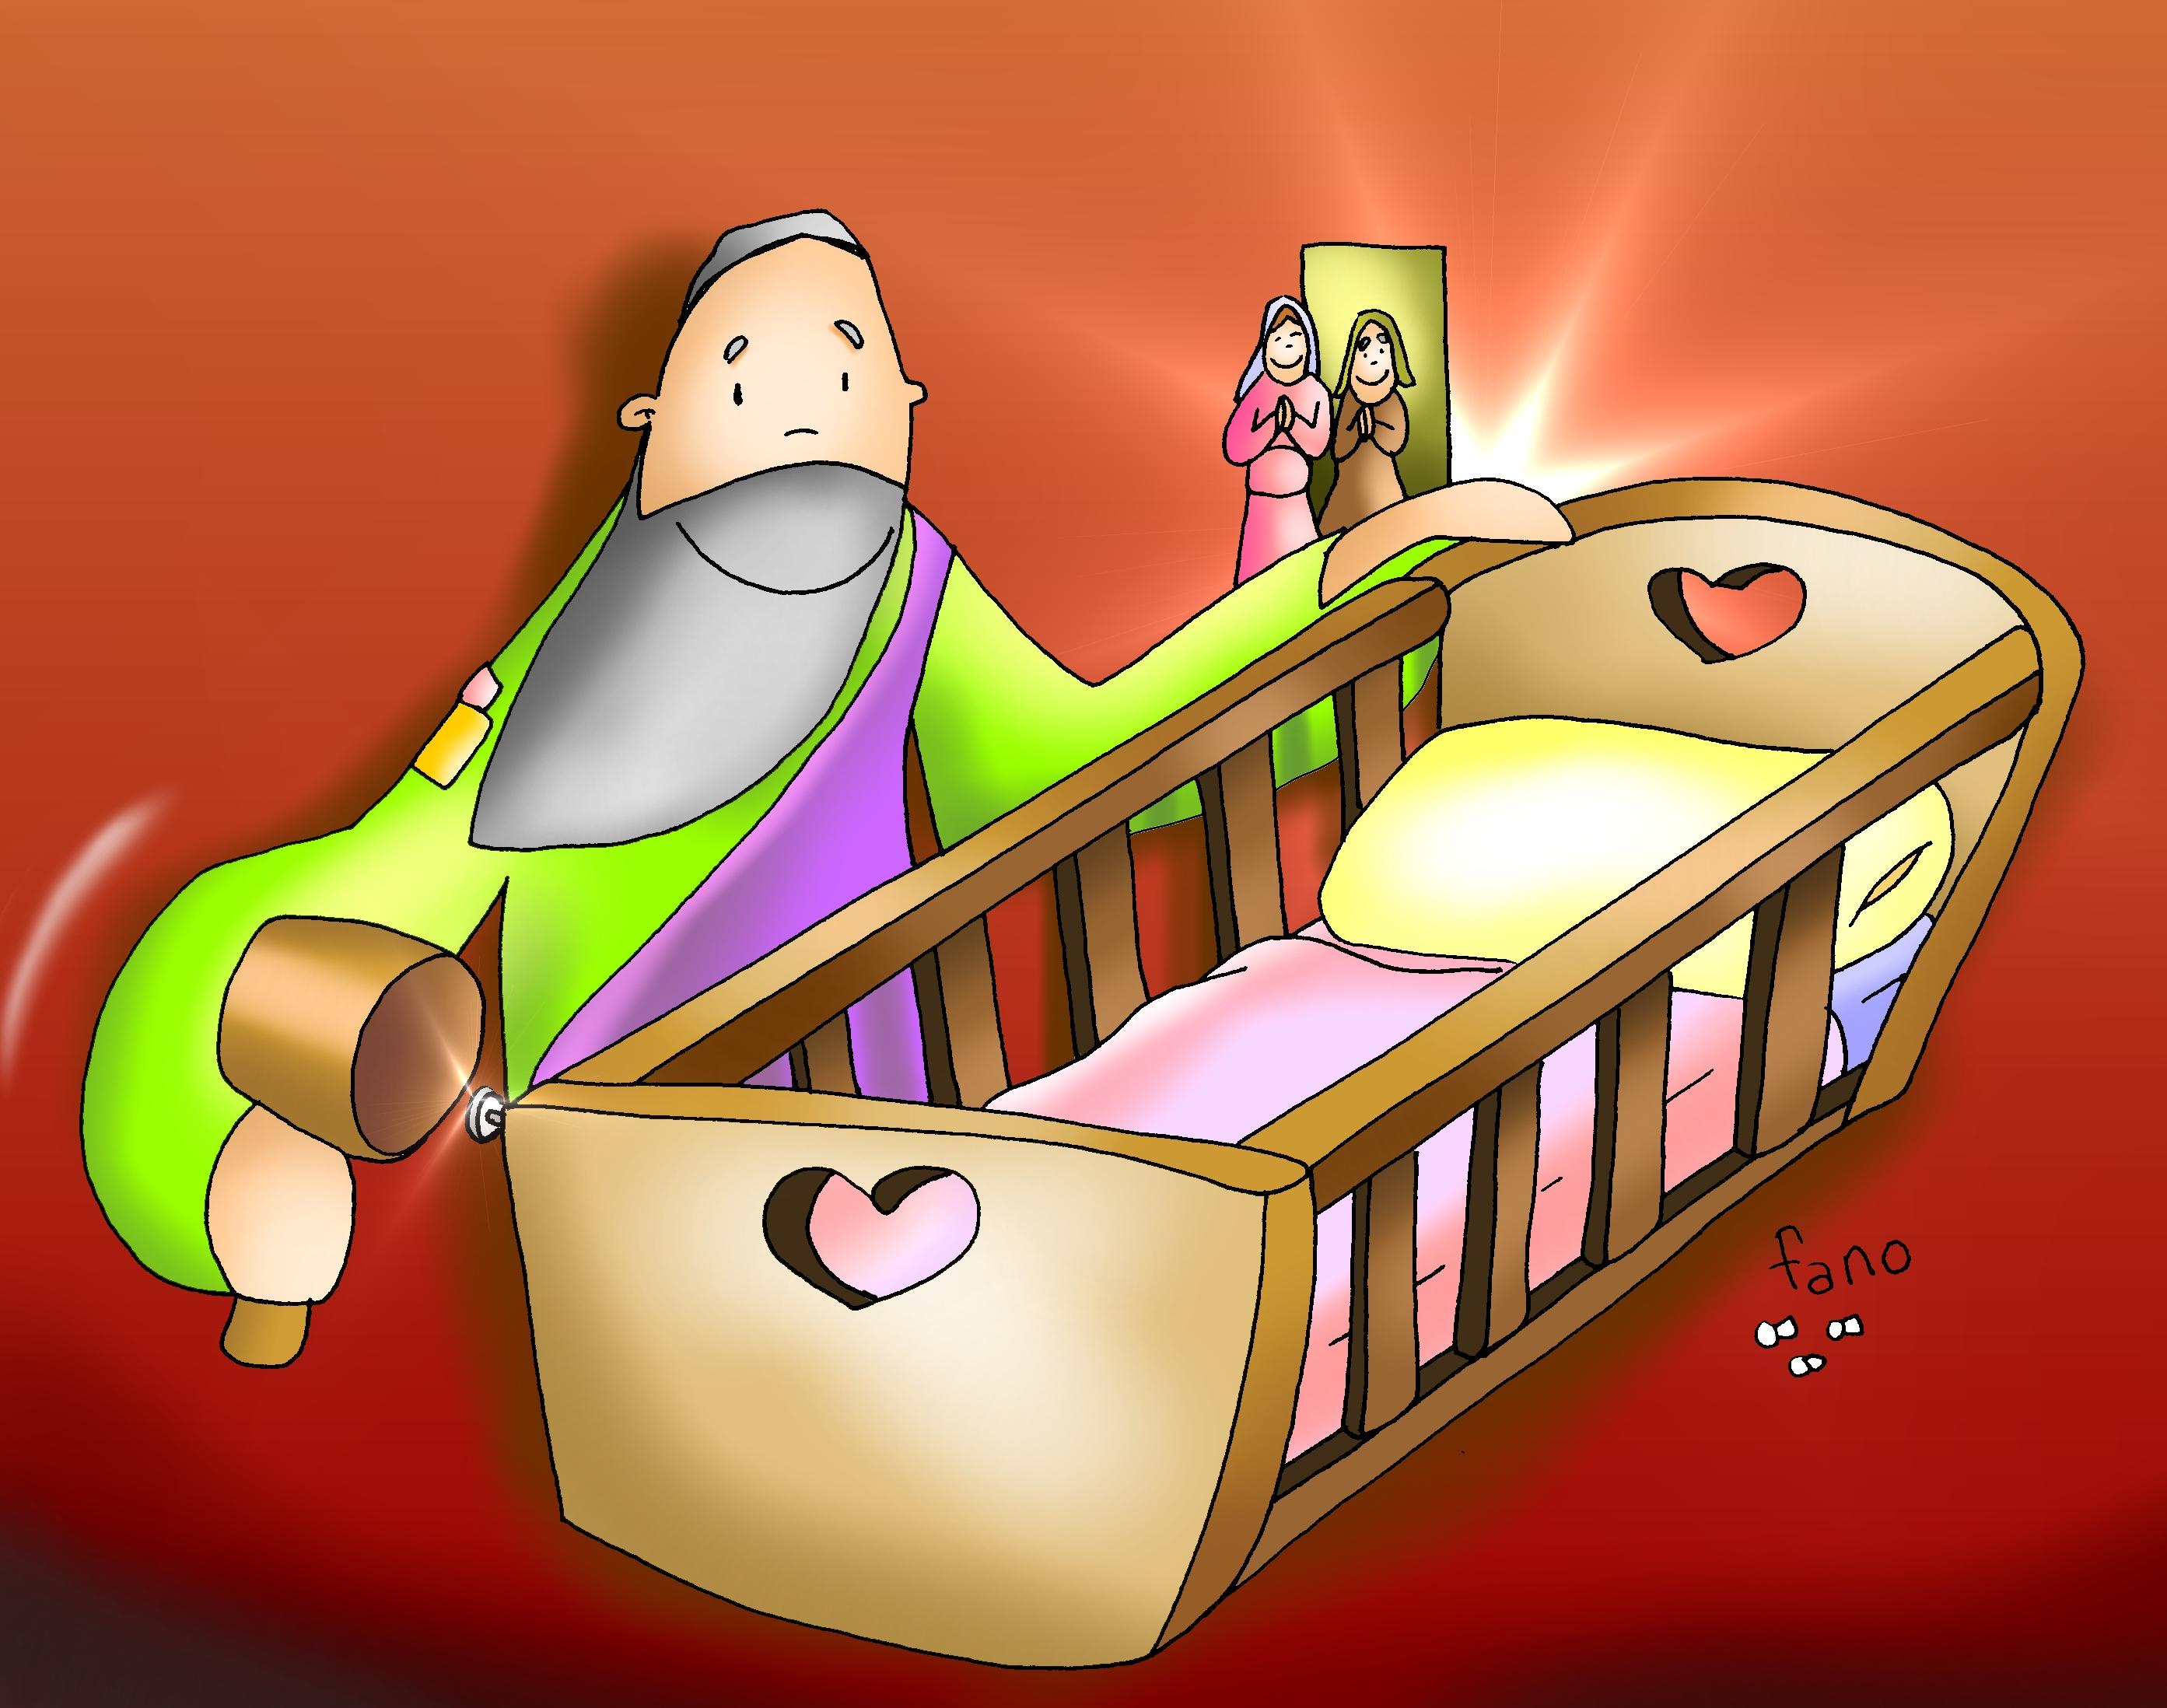 Resultado de imagen para imagenes domingo 4 de adviento para niños